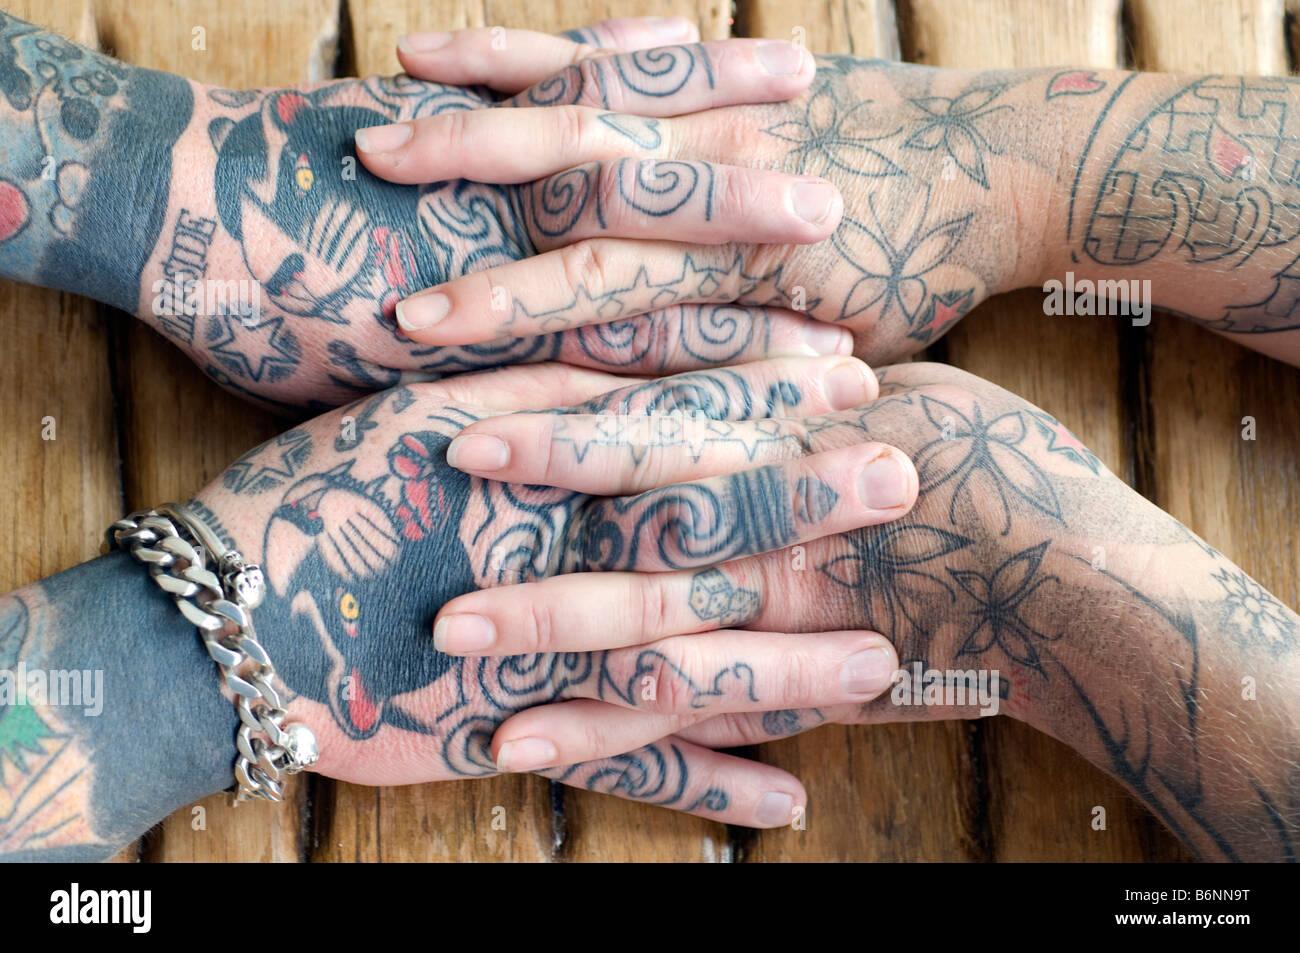 Le mani intrecciate di una coppia di coniugi che entrambi hanno esteso i tatuaggi Immagini Stock